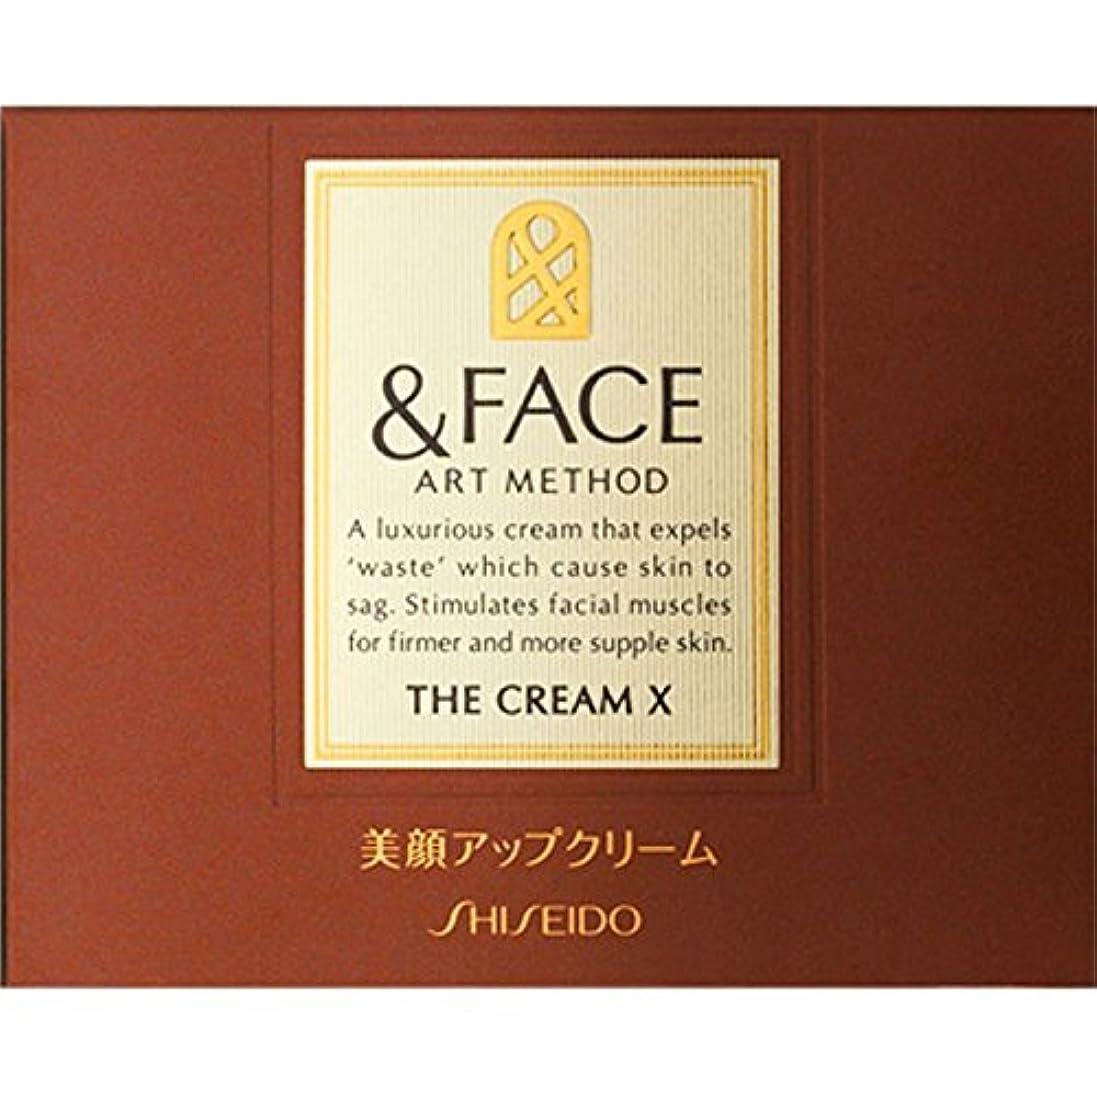 哀お米ドル資生堂インターナショナル &FACEアートメソッドザクリームX - (医薬部外品)